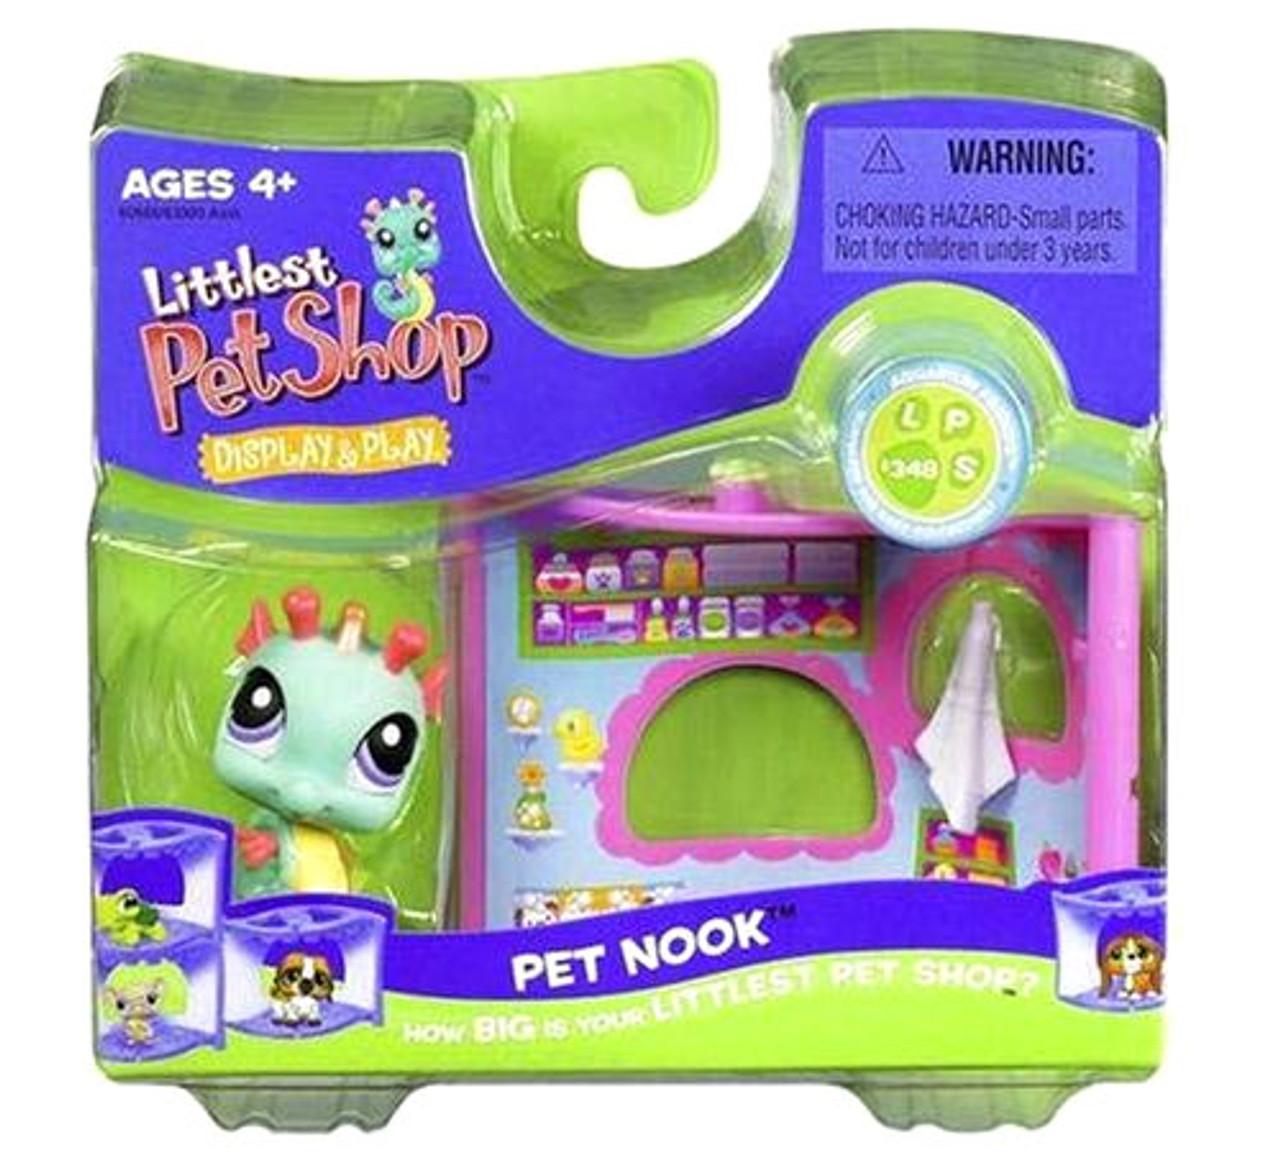 Littlest Pet Shop Pet Nook Series 1 Seahorse Figure